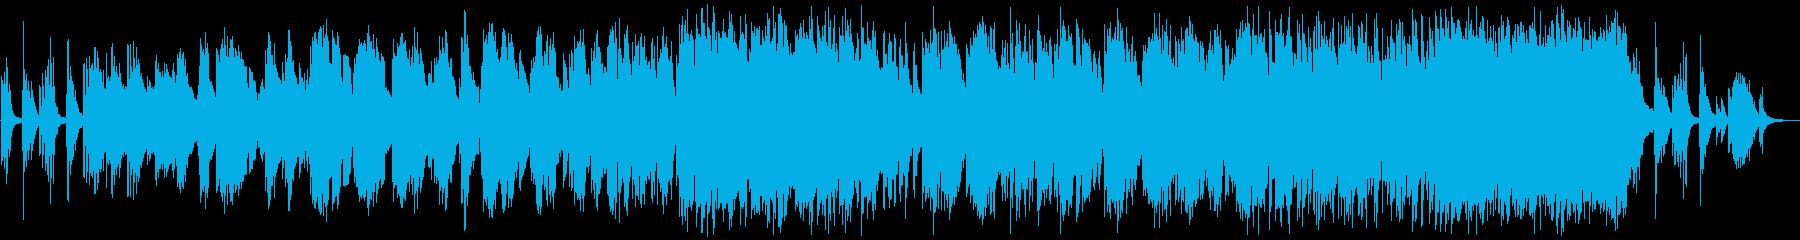 優しい雰囲気のバラード3の再生済みの波形